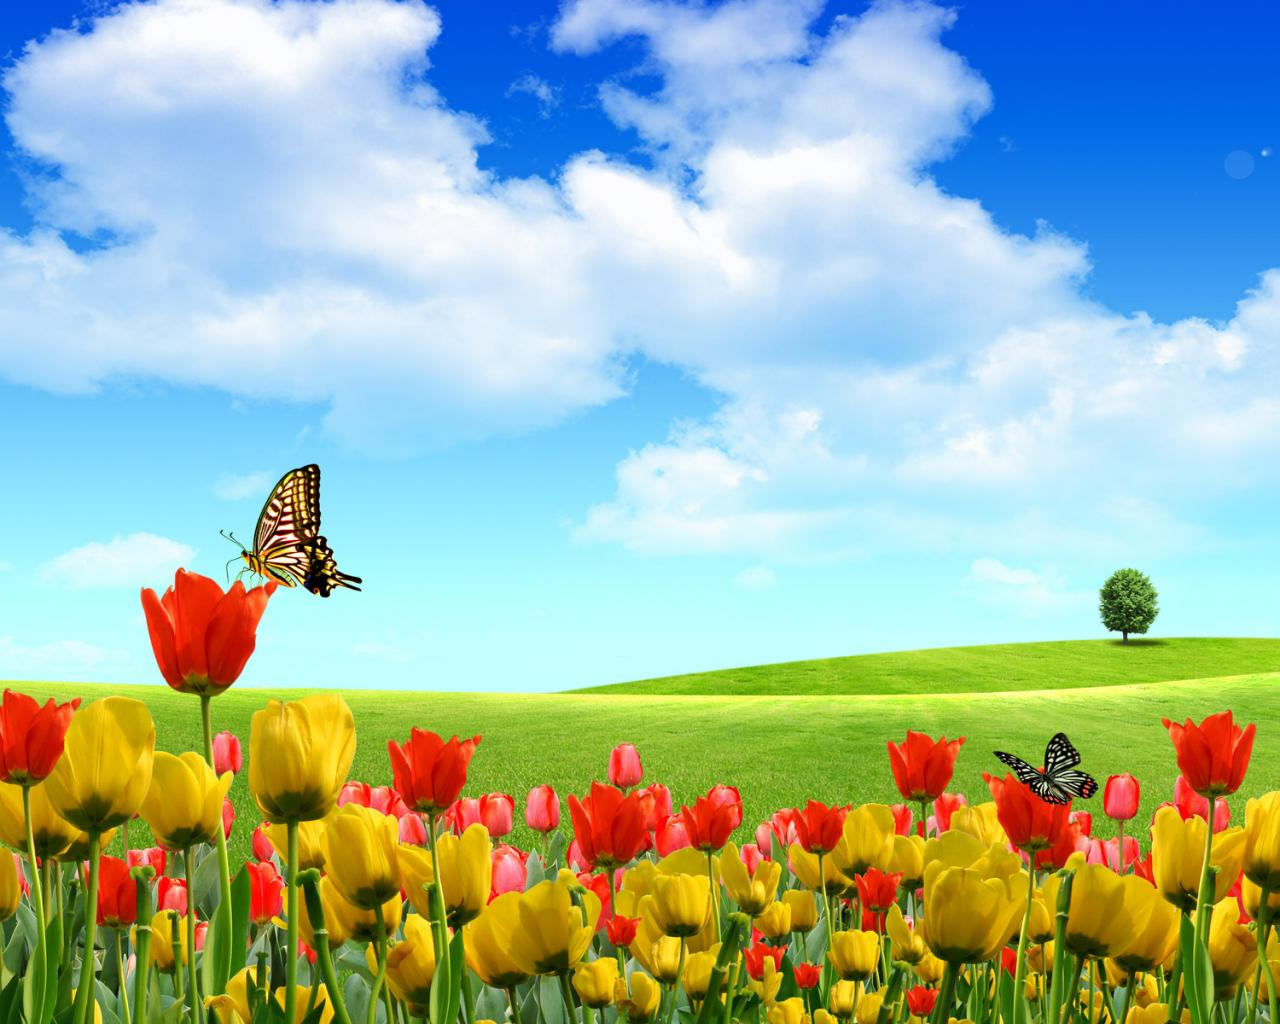 Картинки на рабочий стол природа с цветами